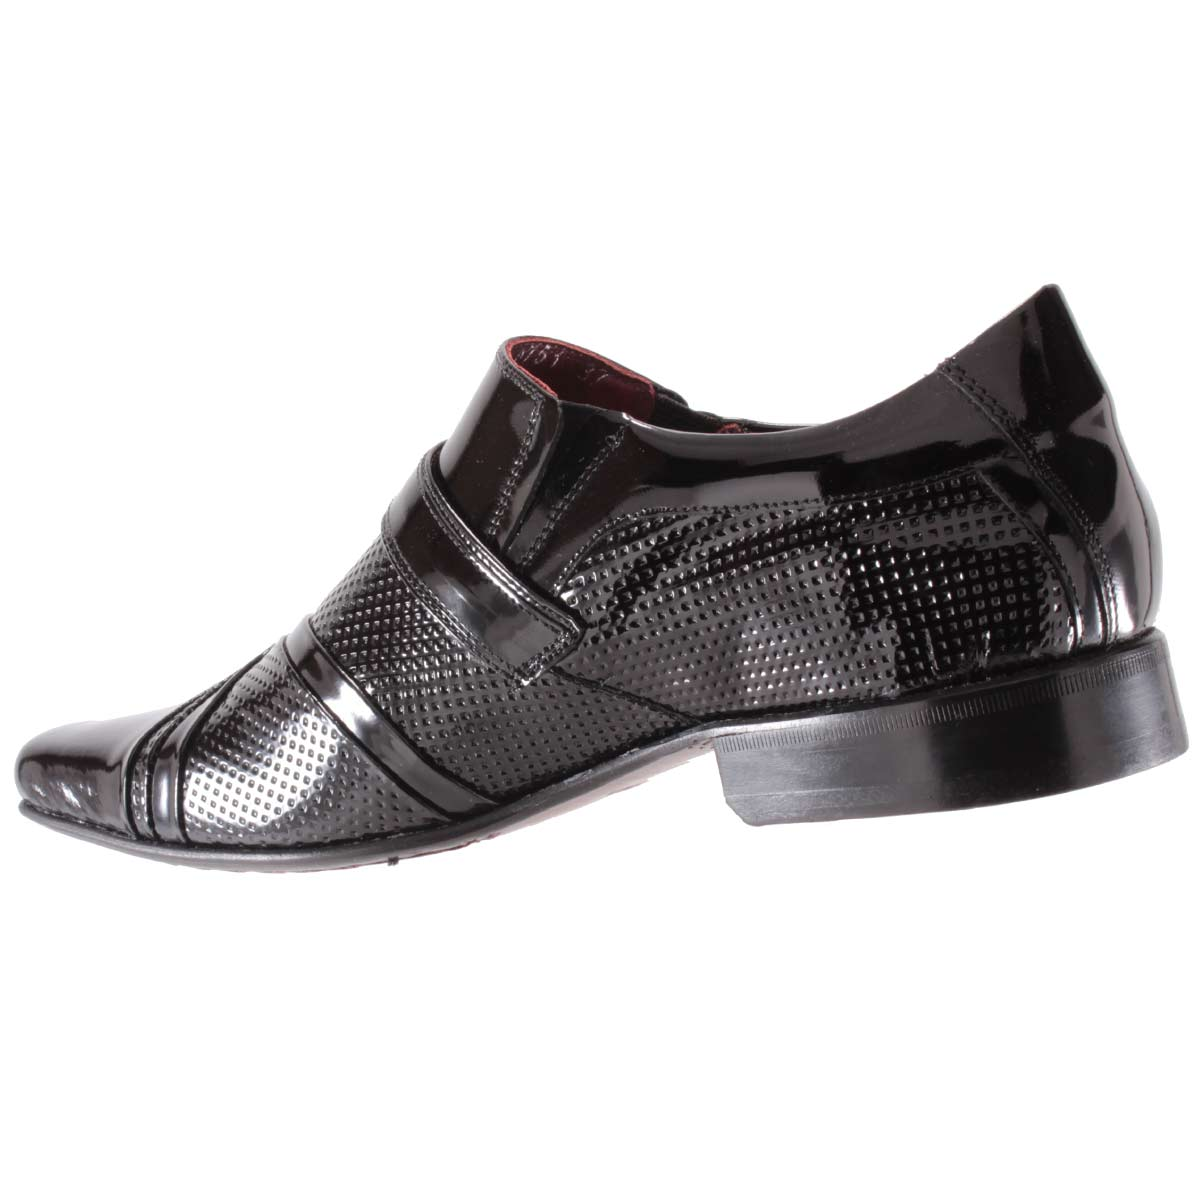 Sapato Social Gofer Masculino Fivela Couro Verniz Legítimo 0751A  - Ian Calçados